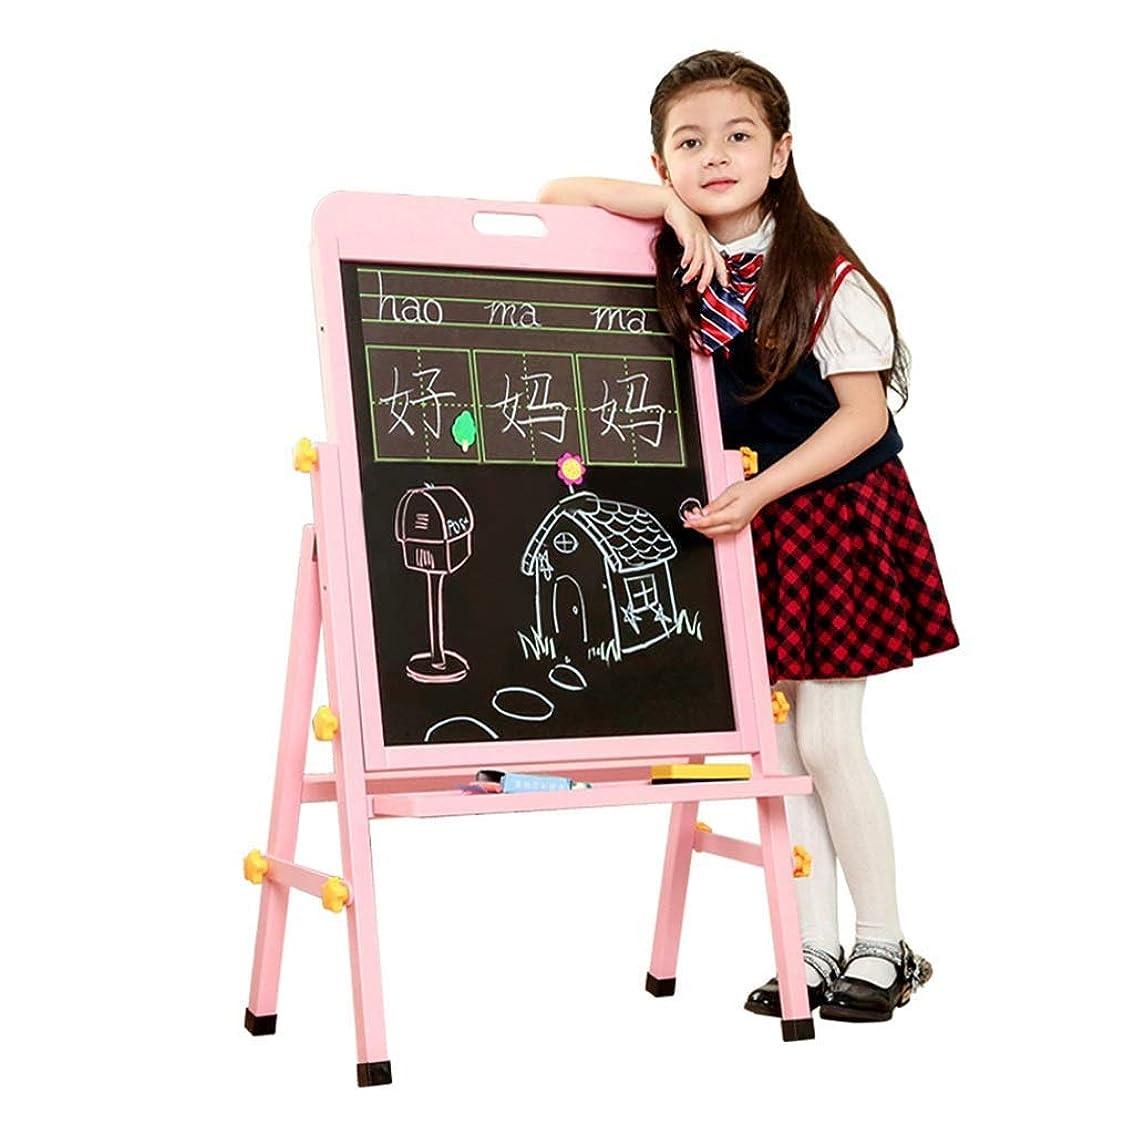 電極線固体2 in 1キッズイーゼル、両面調整可能黒板とホワイトドライイレースサーフェス、磁気スポンジとボトムトレイ、幼児用ウッドスタンディングイーゼル(ナチュラルウッド)